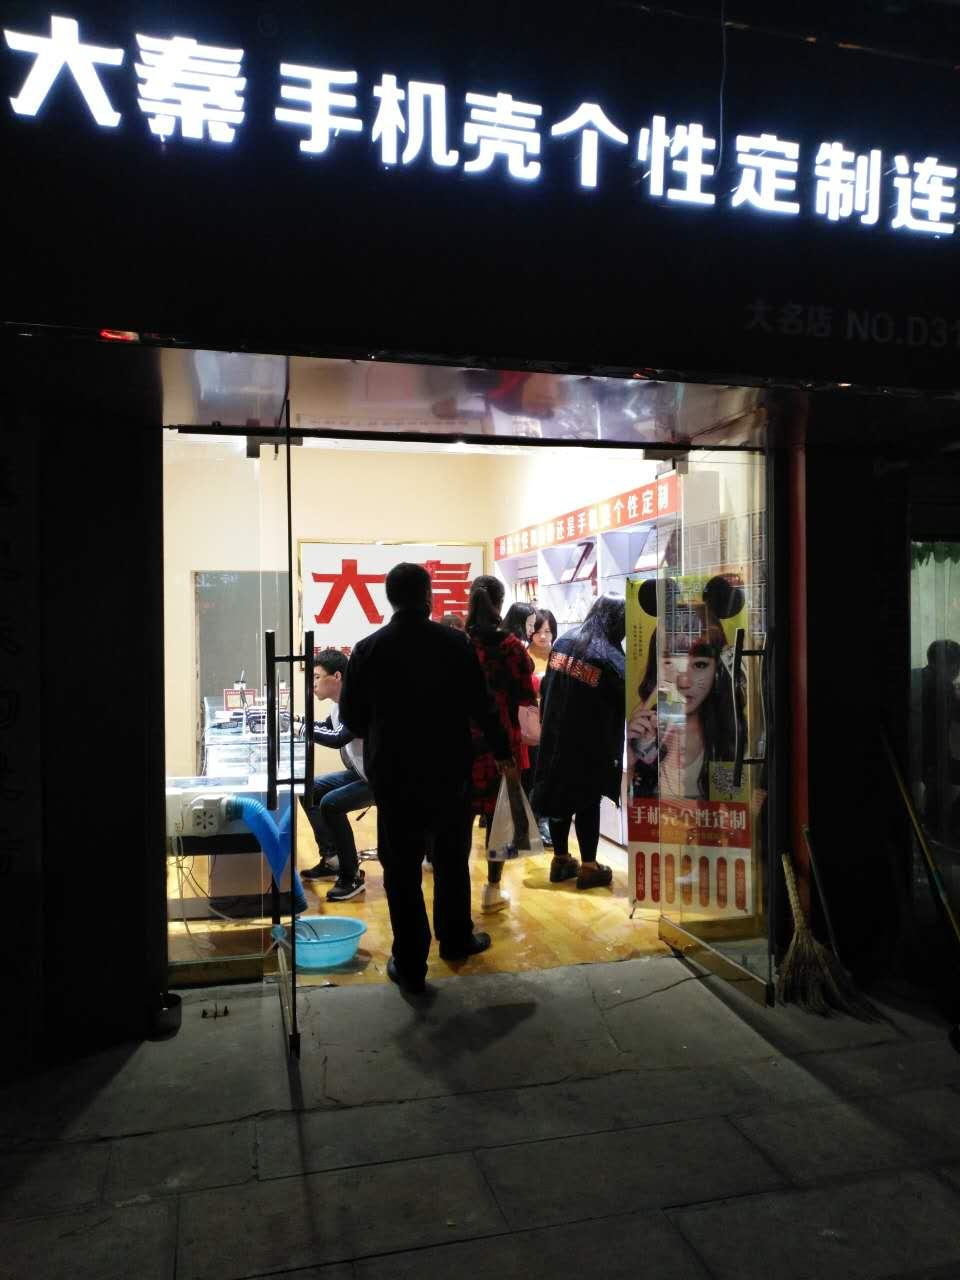 大秦手机美容店